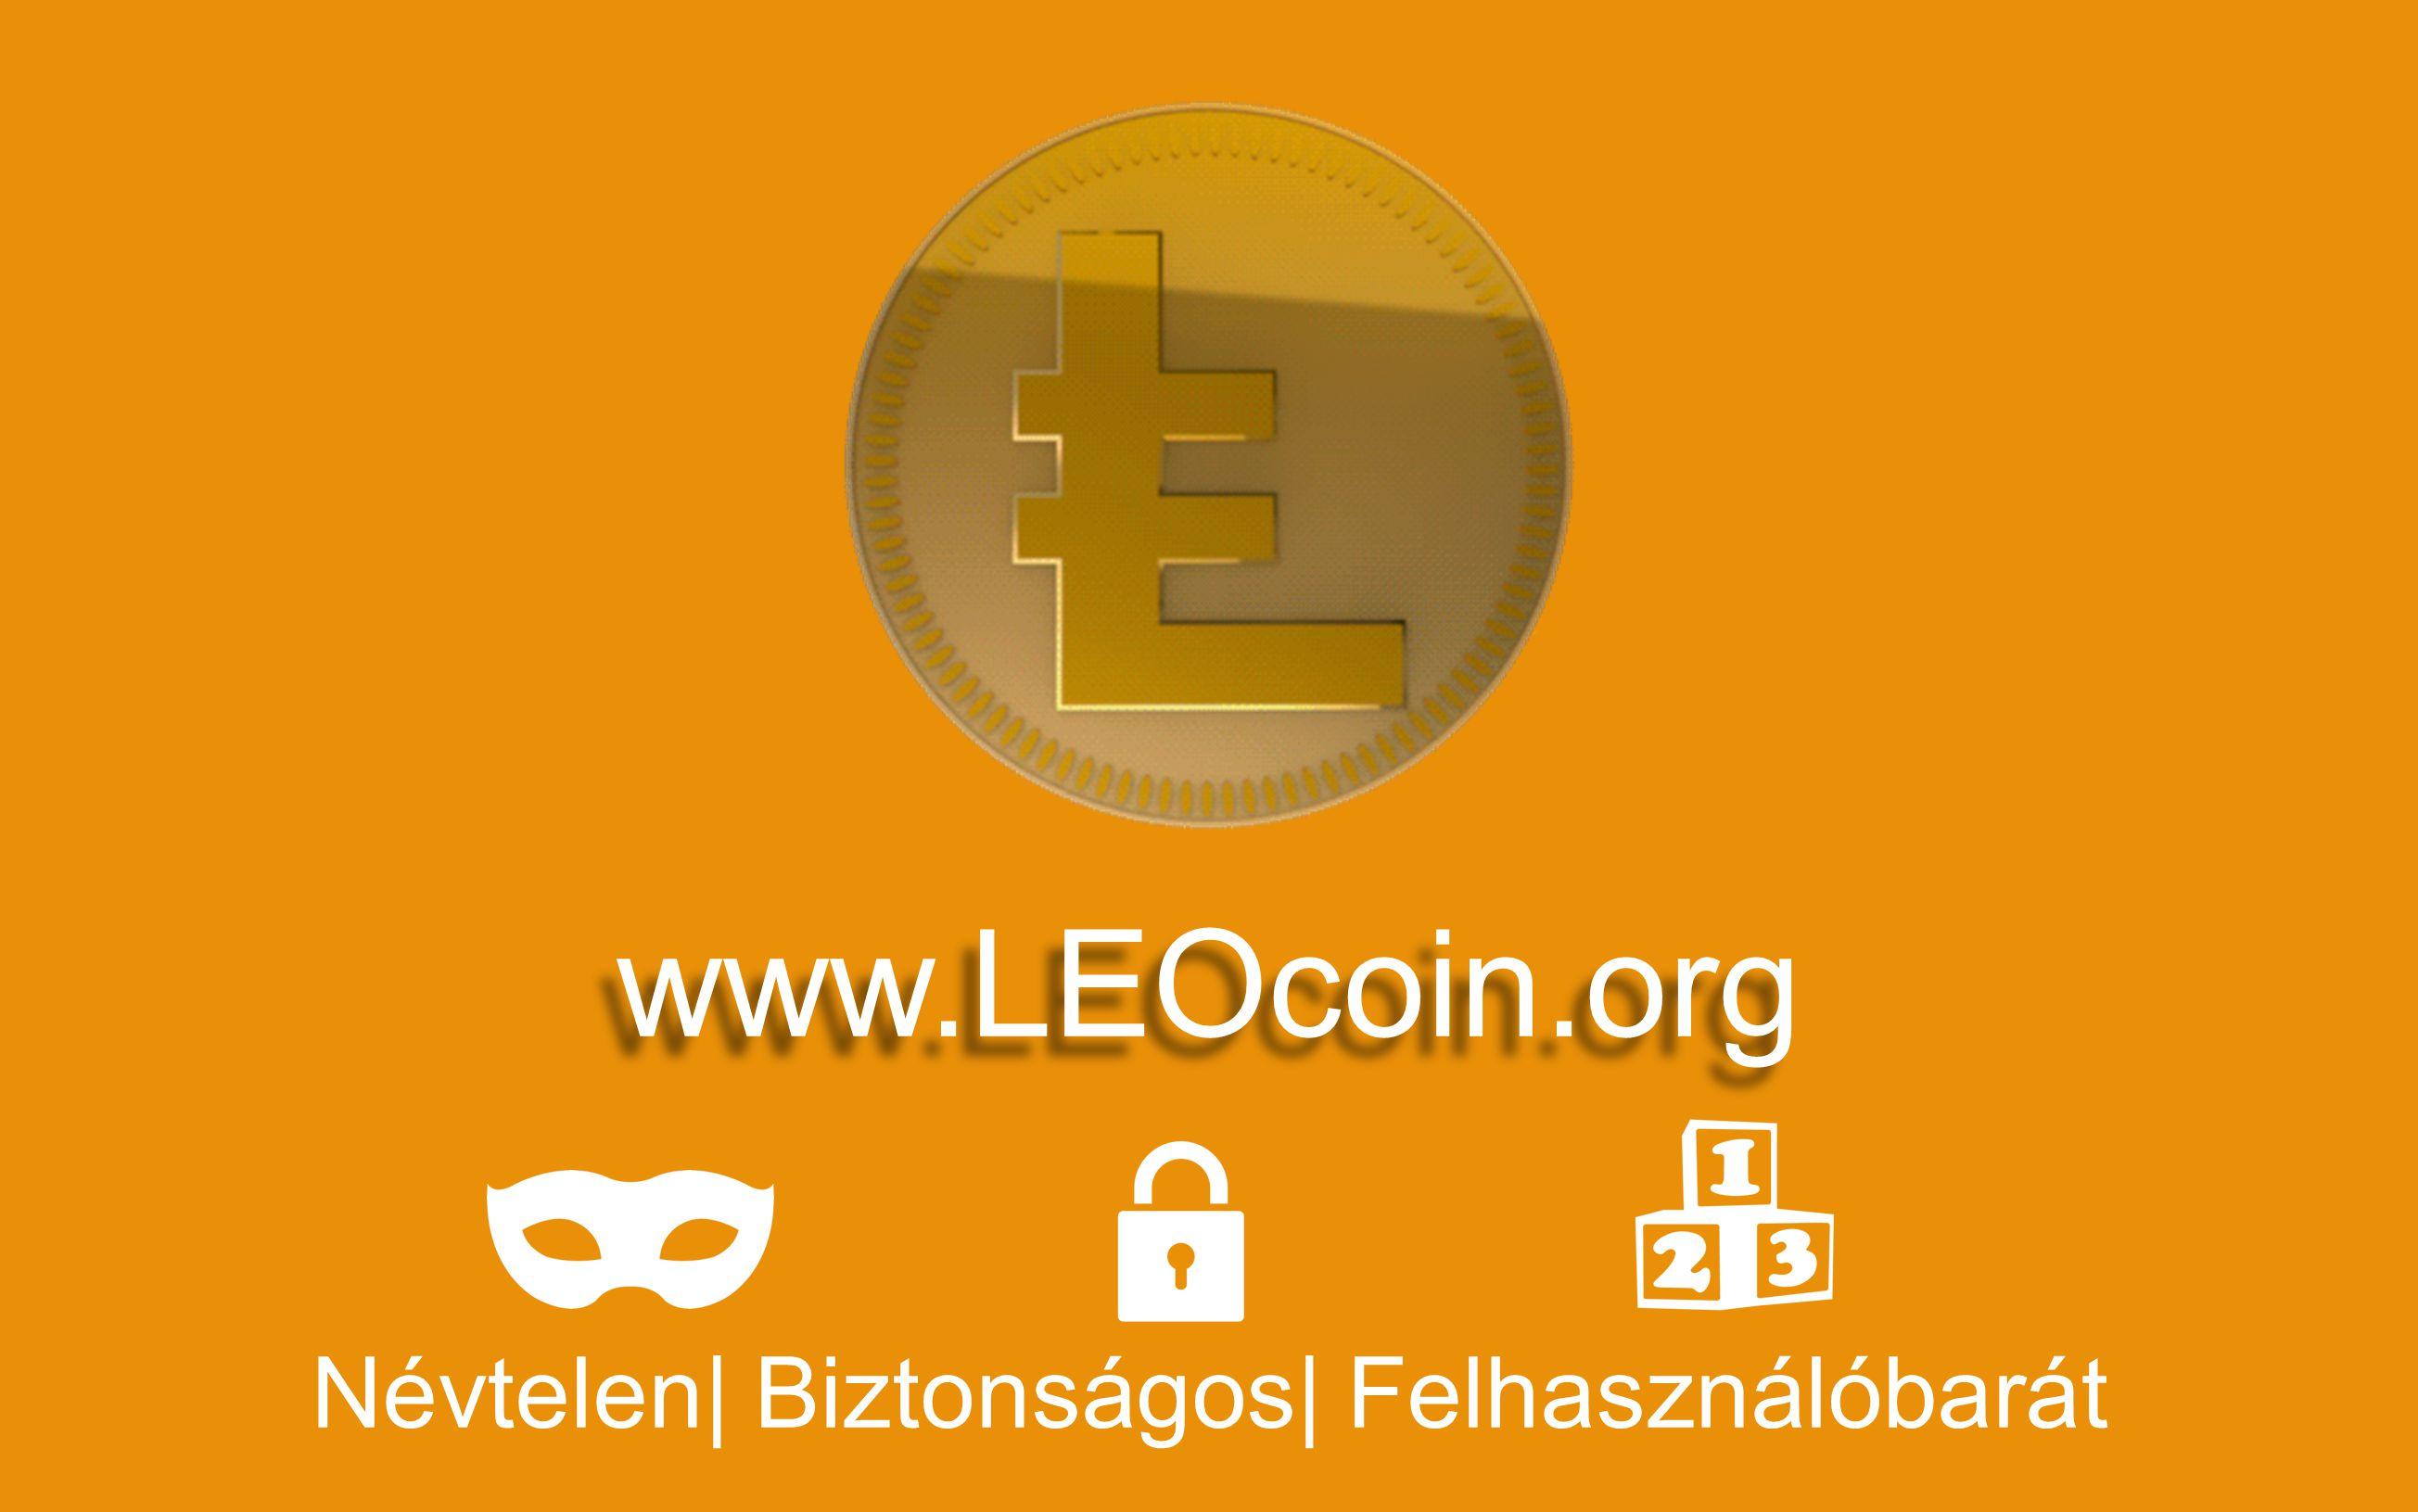 www.LEOcoin.org Névtelen| Biztonságos| Felhasználóbarát